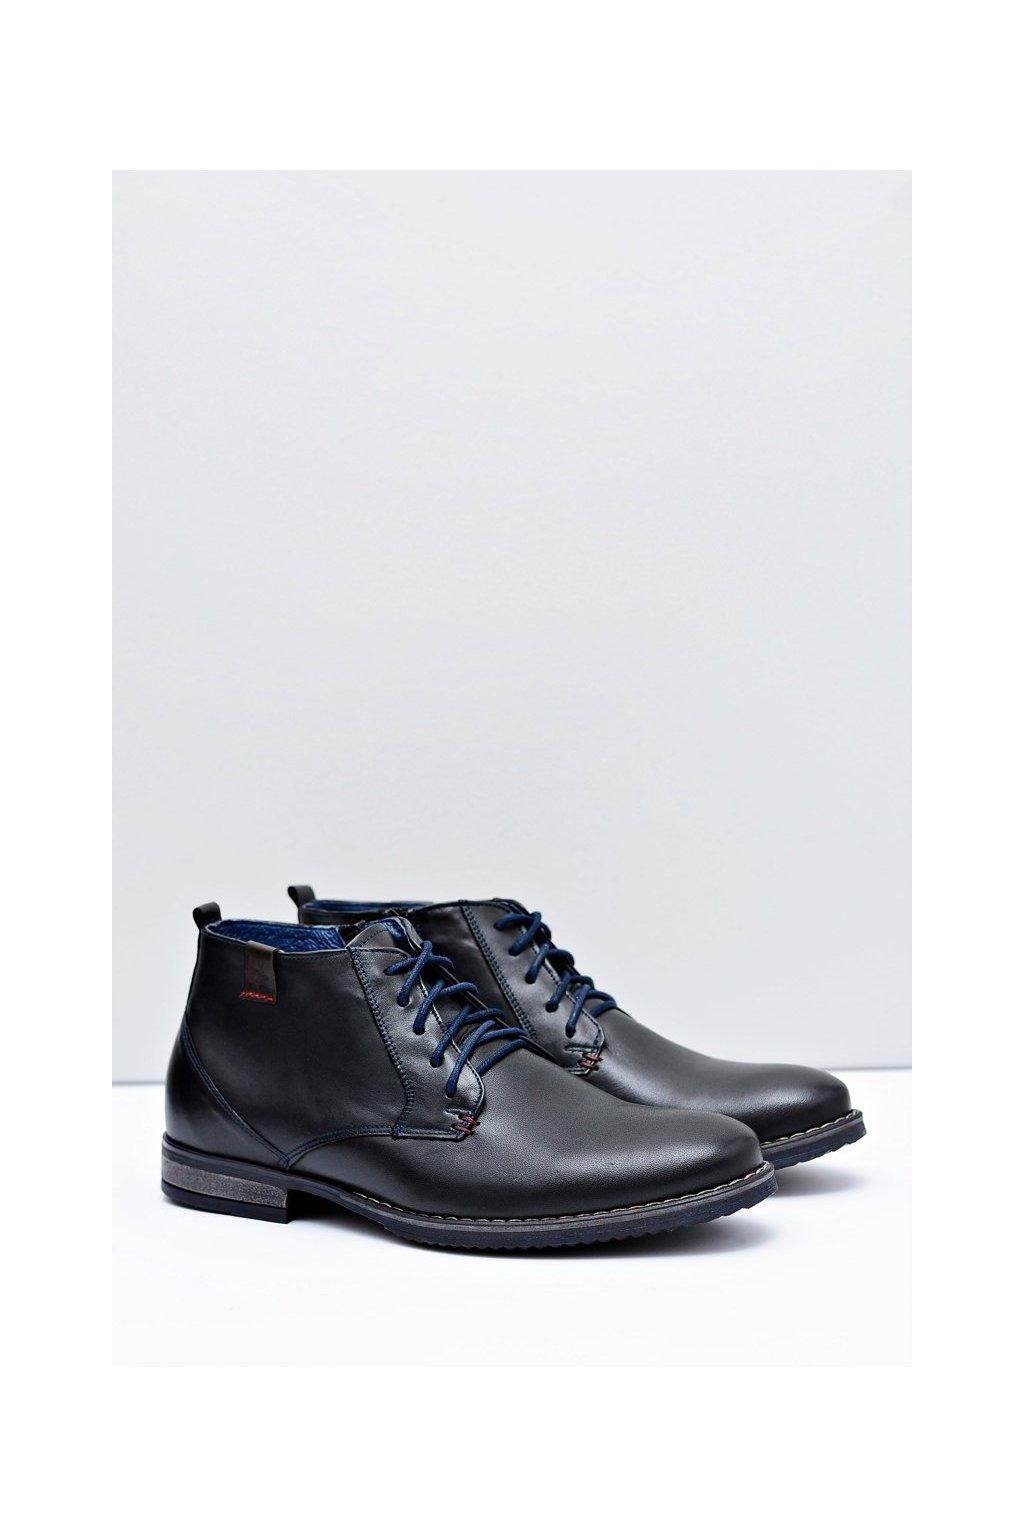 Pánske topánky na zimu farba čierna kód obuvi 672 BLK